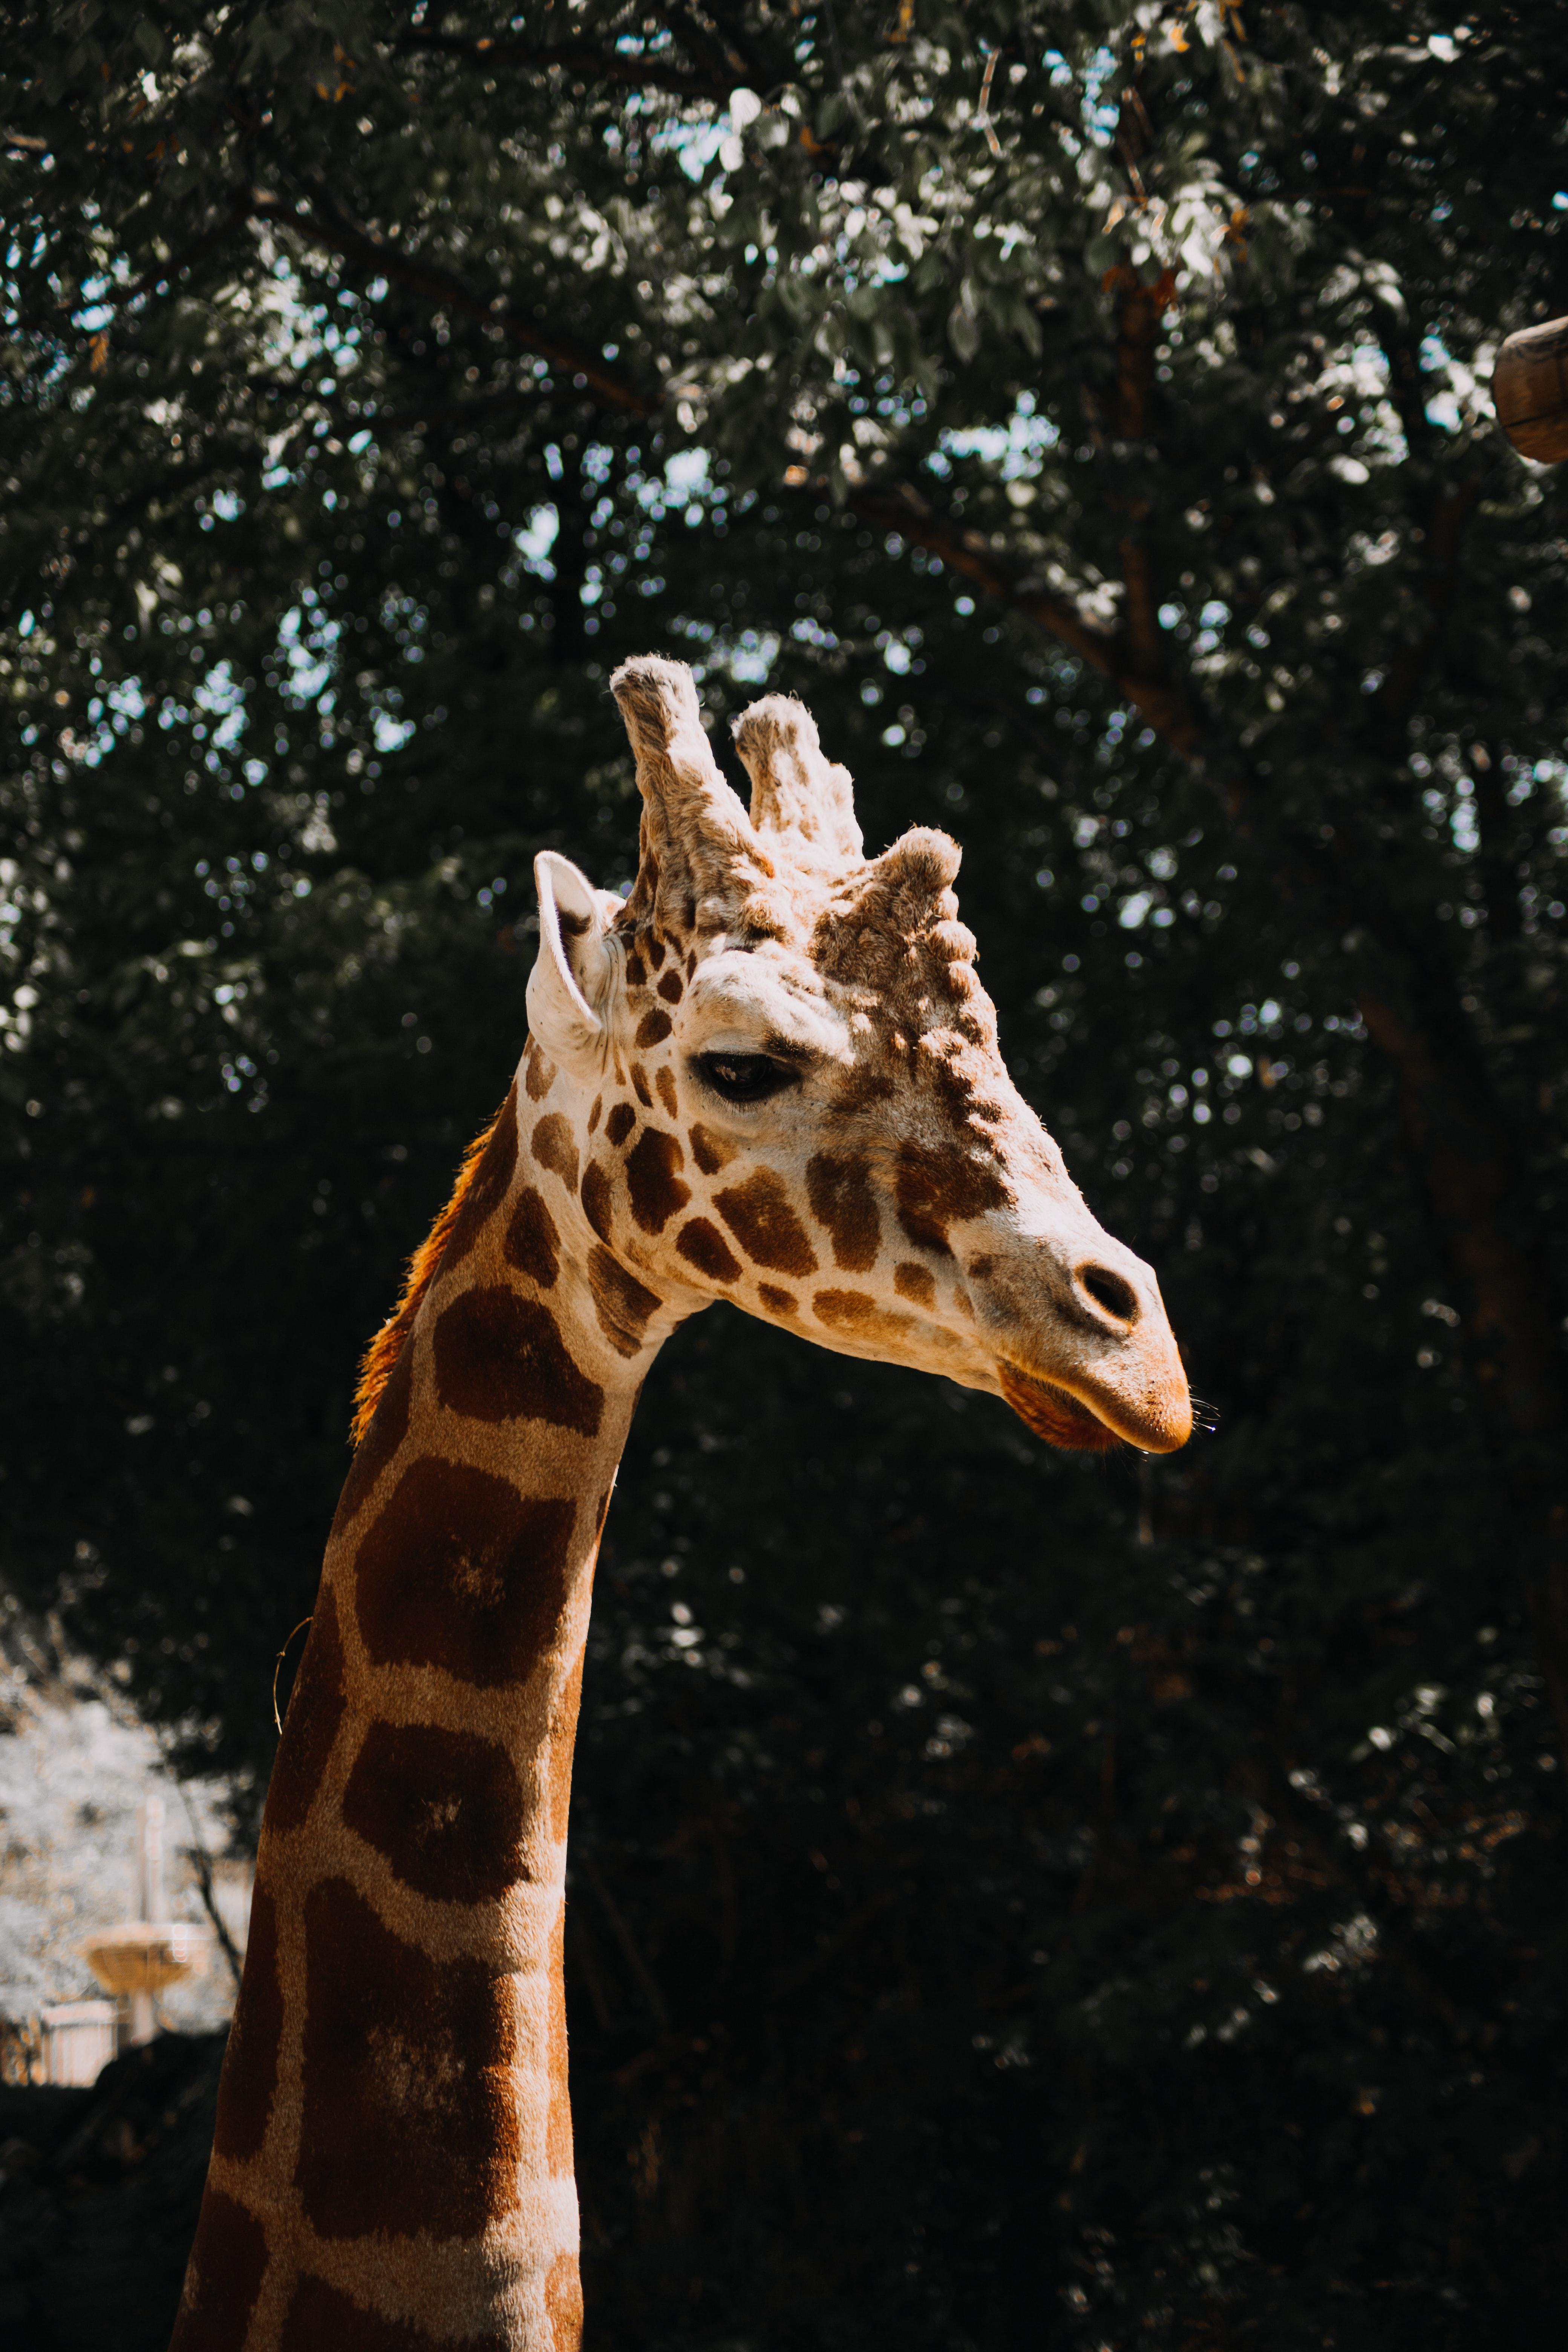 126012 免費下載壁紙 动物, 长颈鹿, 污渍, 轮廓, 简介 屏保和圖片